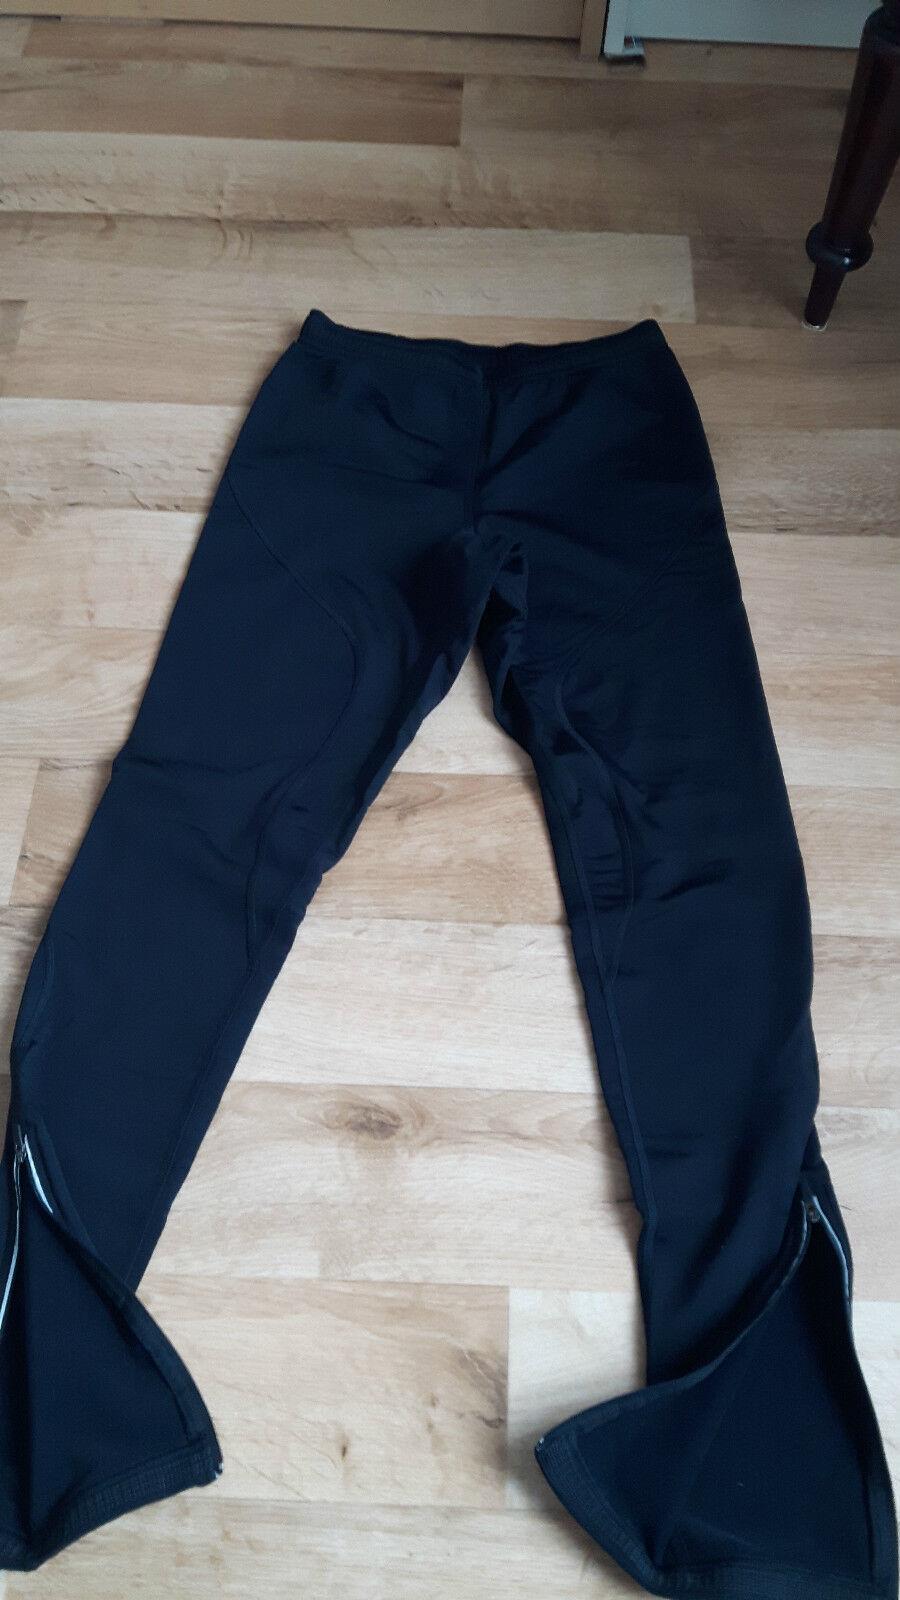 GORE Haut Vent Bouchon Jogging FonctionneHommest Collants Pantalon Taille S